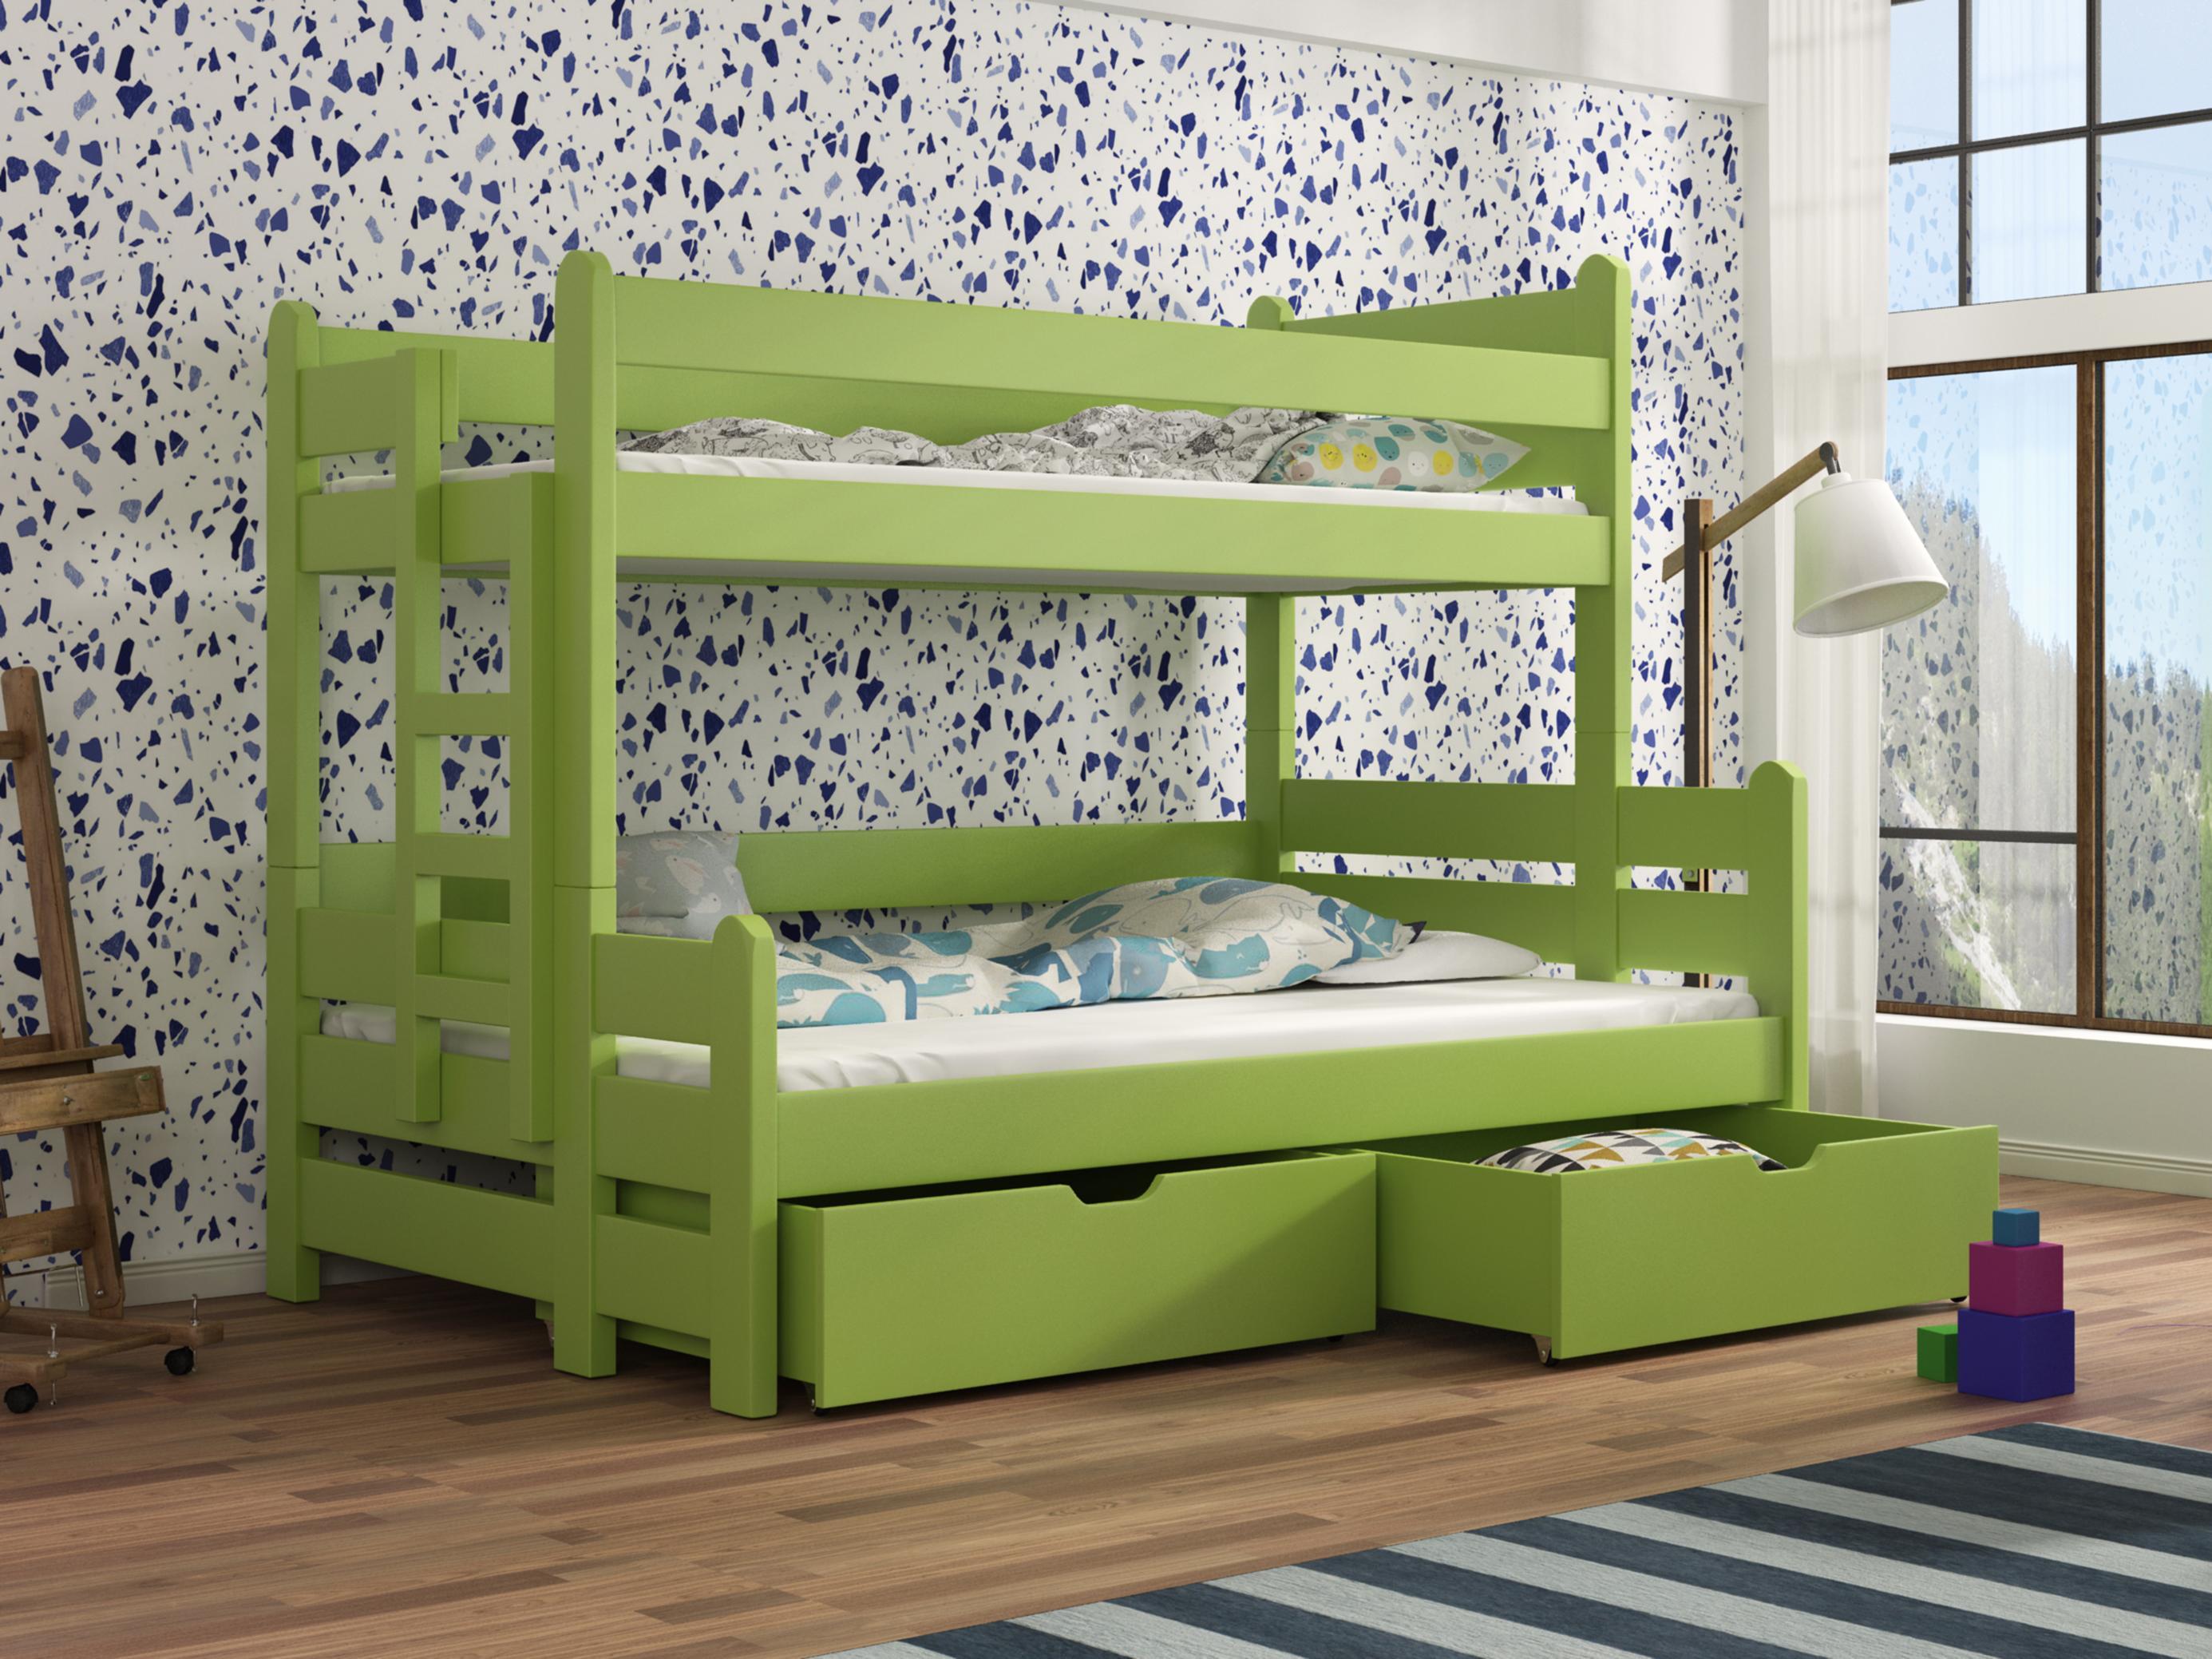 809c8c5e8cdf4 Detská poschodová posteľ 90 cm Bivi (zelená) | NovýNábytok.sk